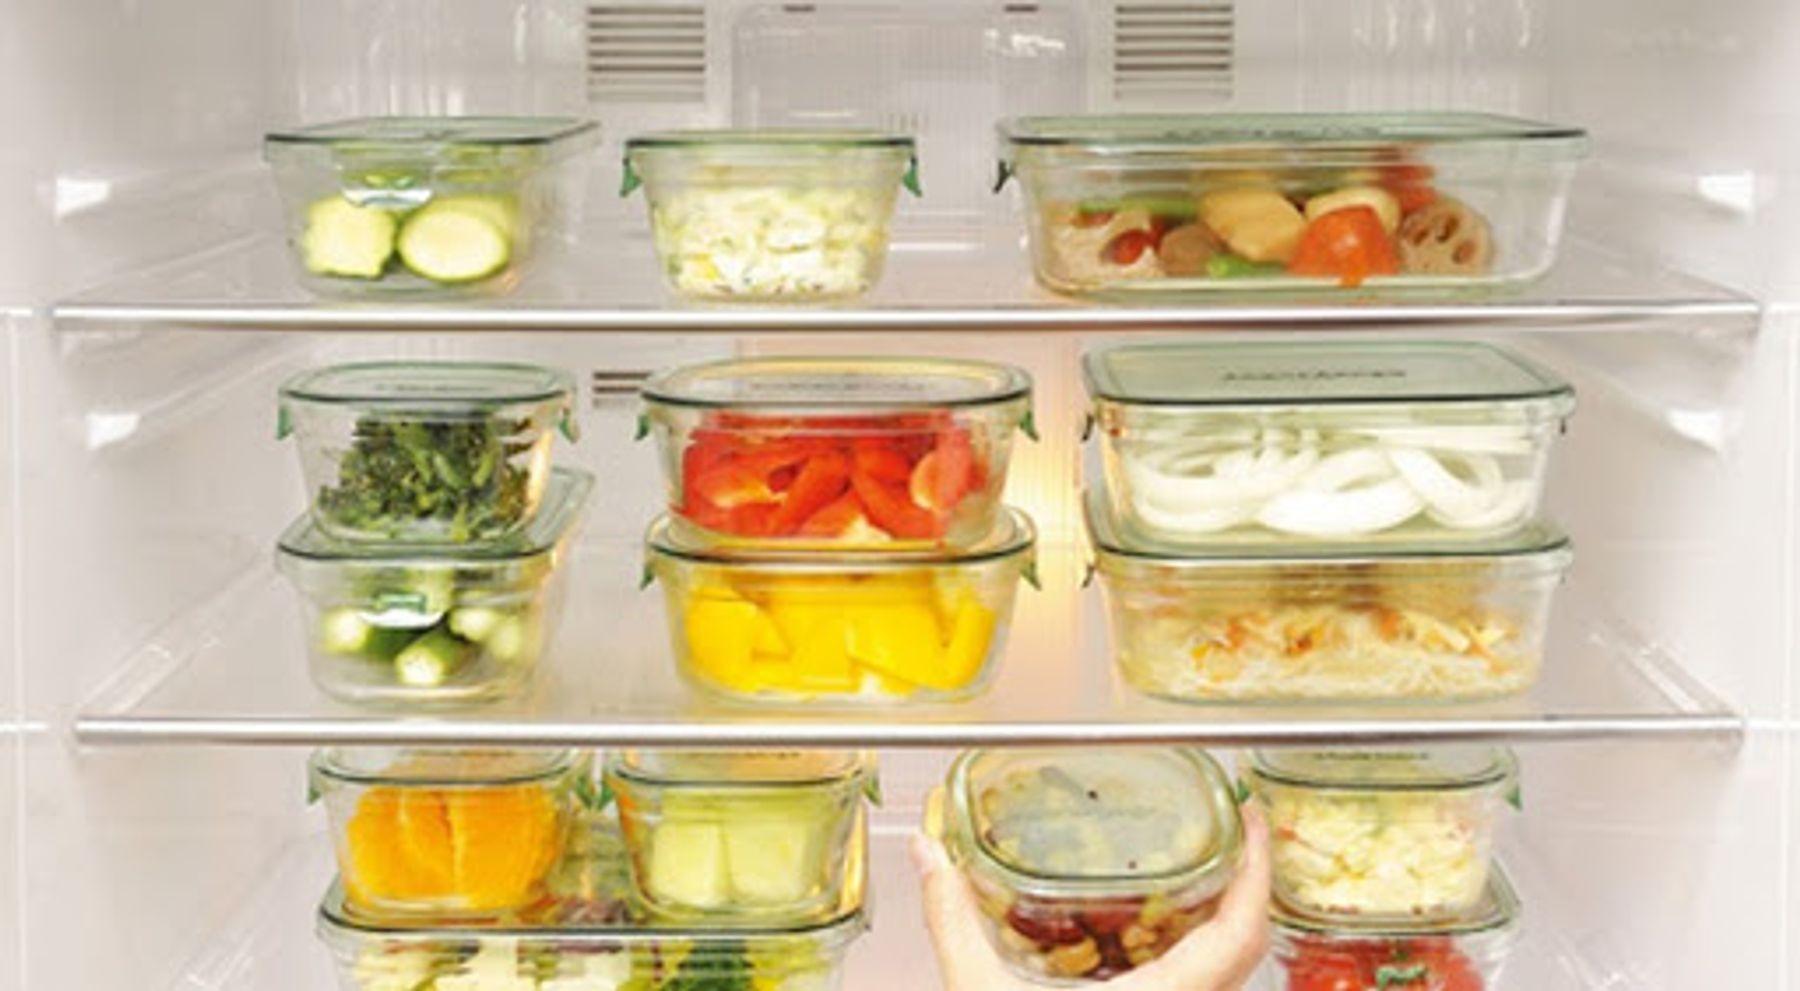 Bảo quản thực phẩm trong tủ lạnh bằng hộp thủy tinh